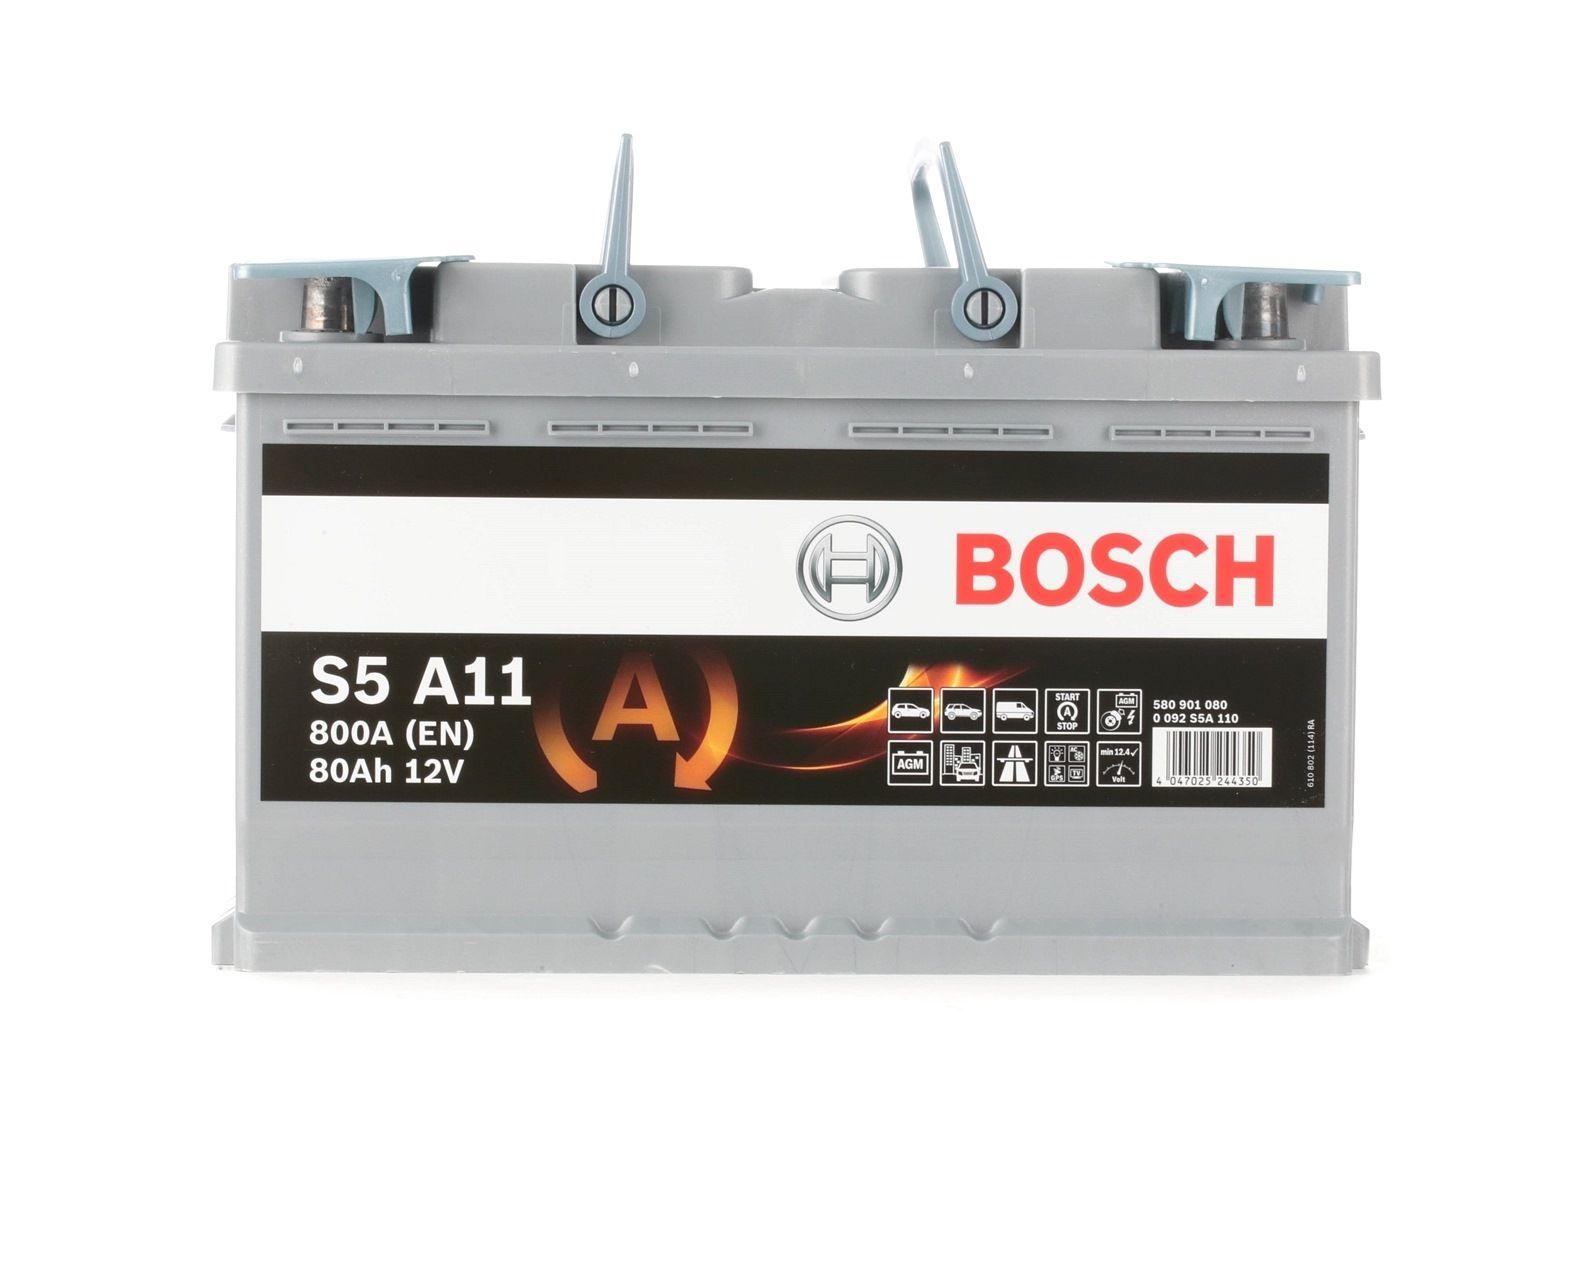 S5A11 BOSCH S5 Batterie-Kapazität: 80Ah Kälteprüfstrom EN: 800A, Spannung: 12V, Polanordnung: 0 Starterbatterie 0 092 S5A 110 günstig kaufen